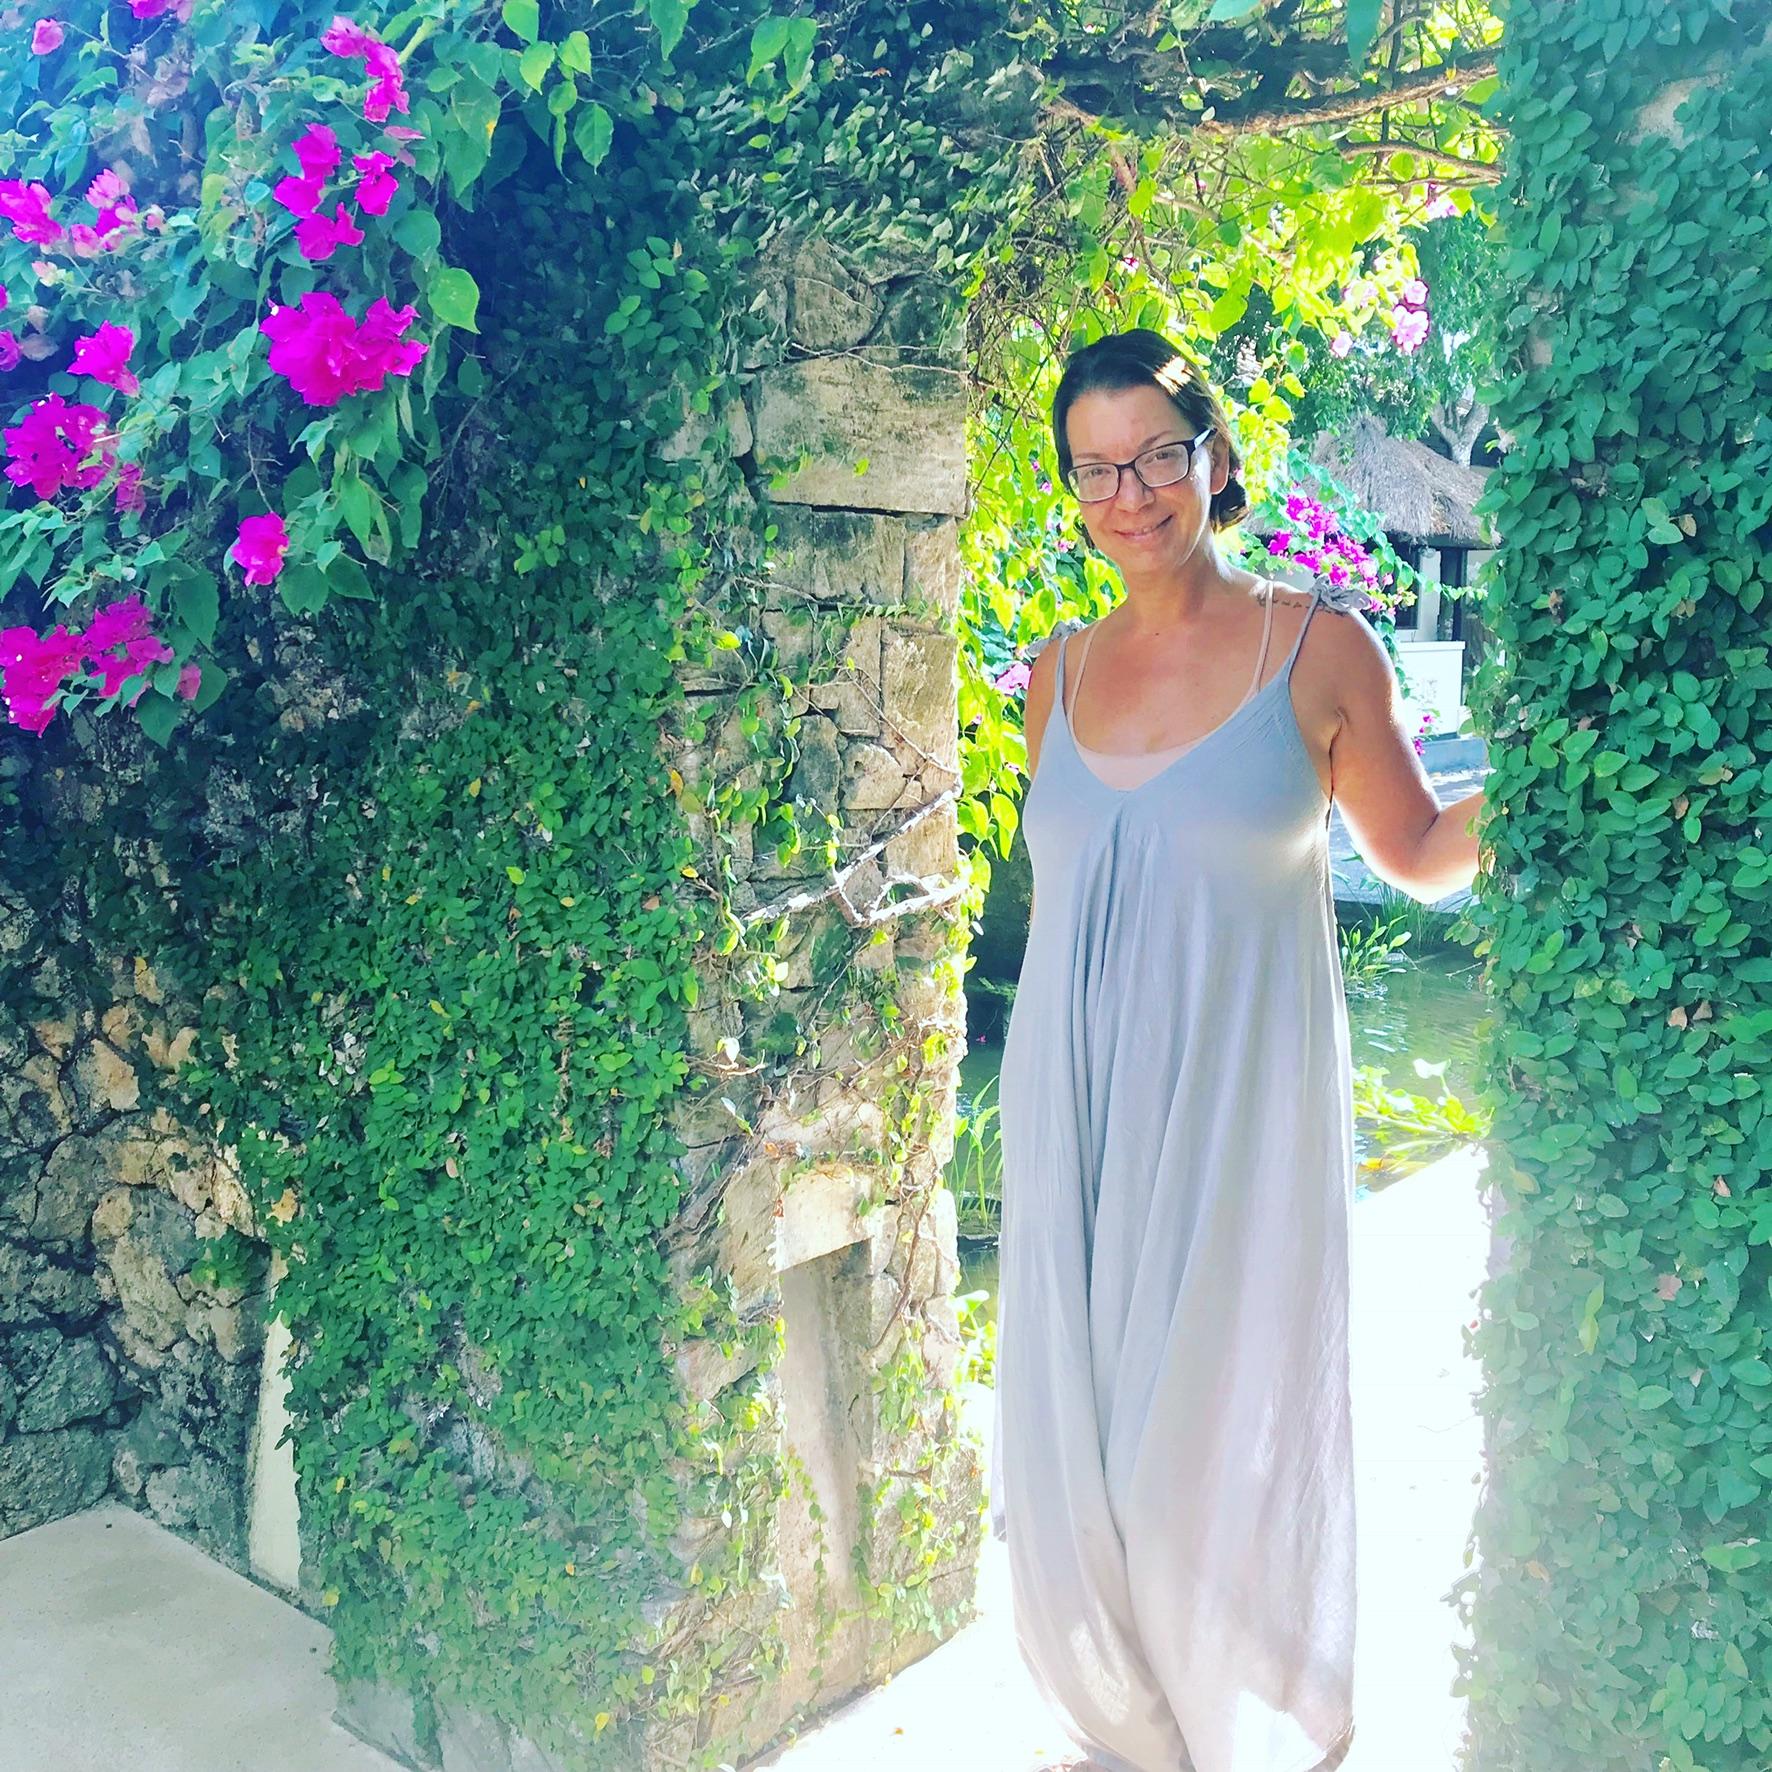 Gina Andreano